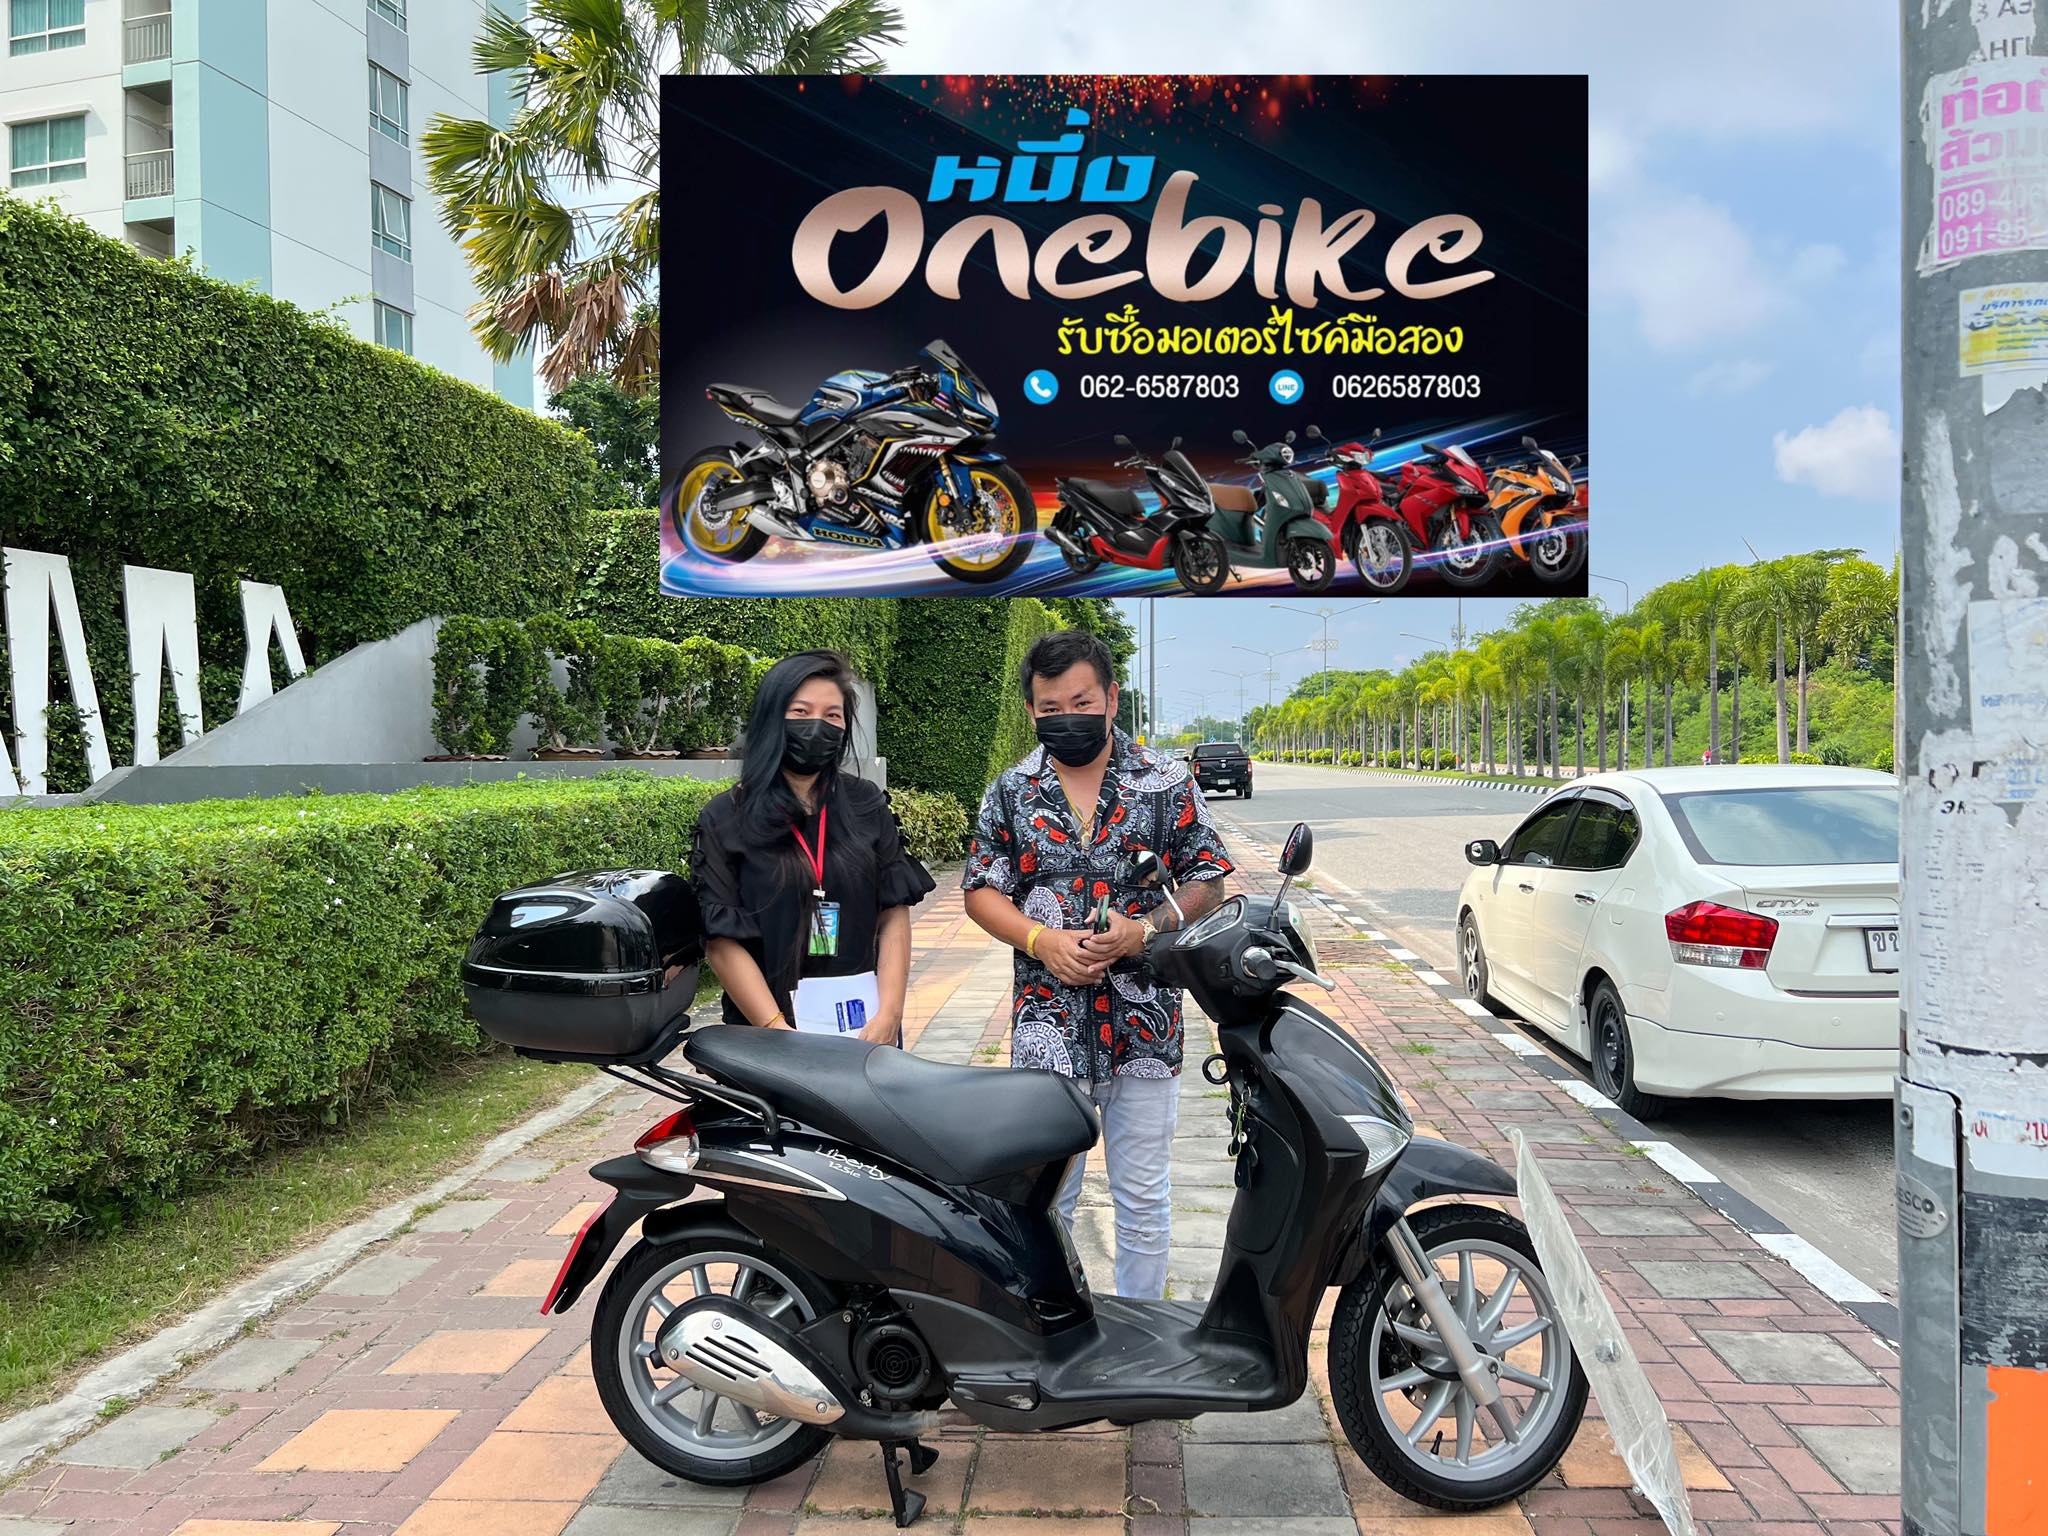 ONEBIKE รับซื้อมอเตอร์ไซค์พัทยา ชลบุรี